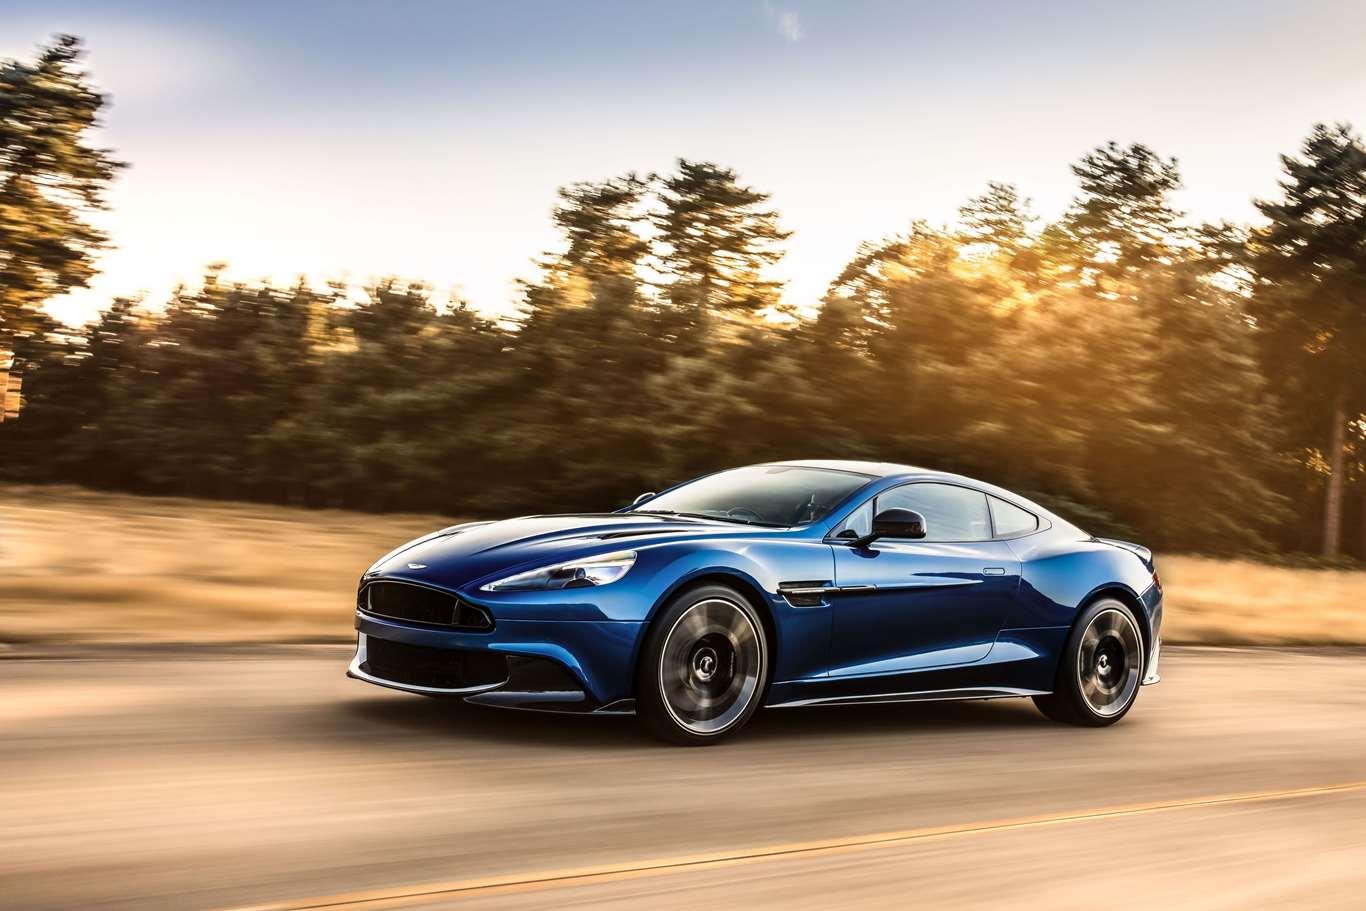 2018 Aston Martin Vanquish S For Sale Near Dallas Tx Aston Martin